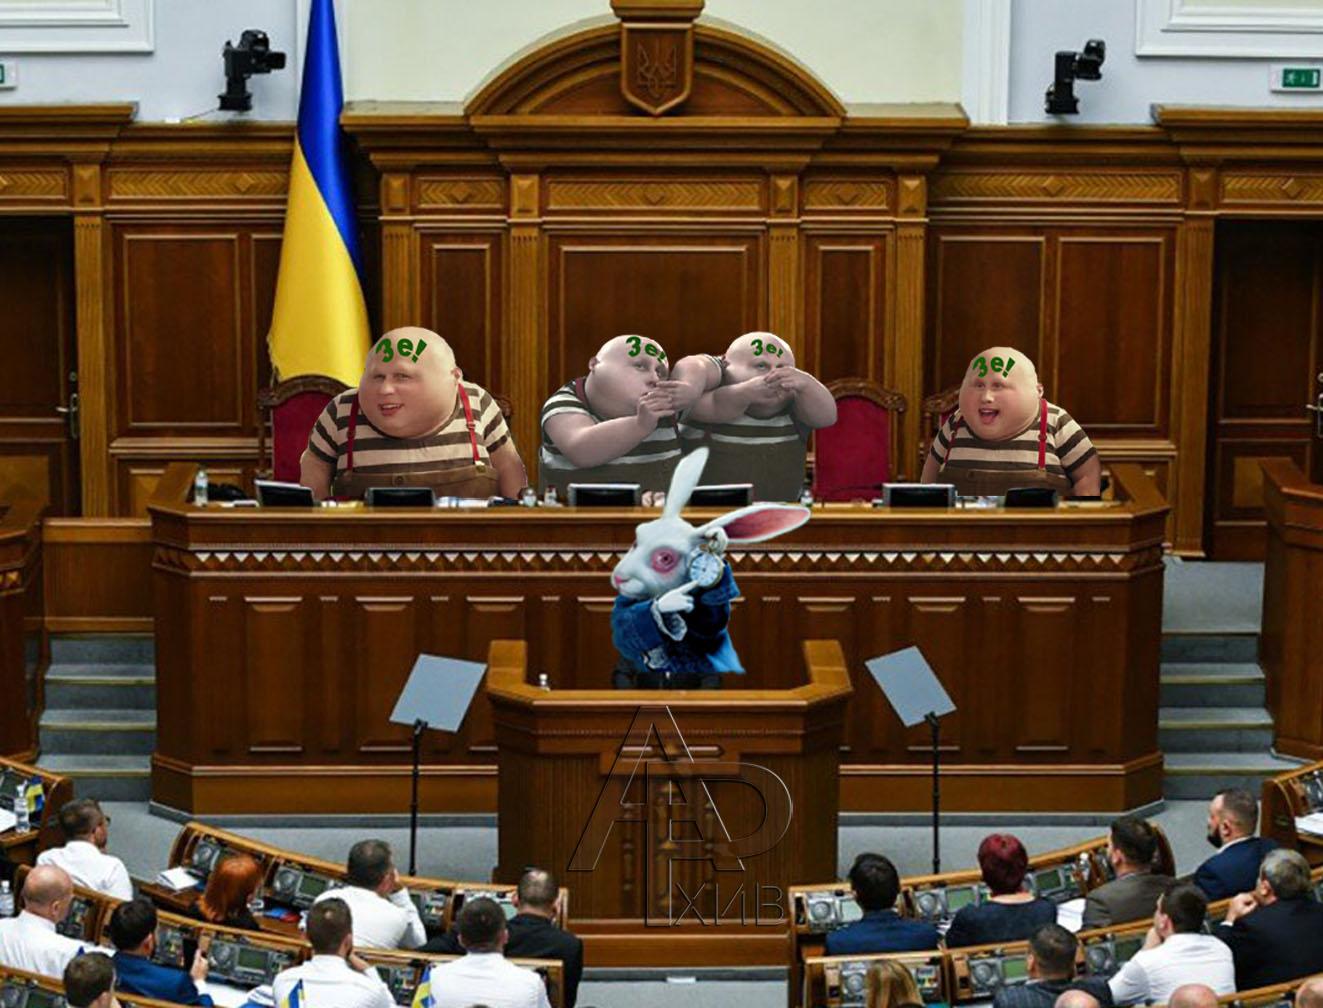 Тимошенко vs Зеленский. Скандал с сладкими местами.